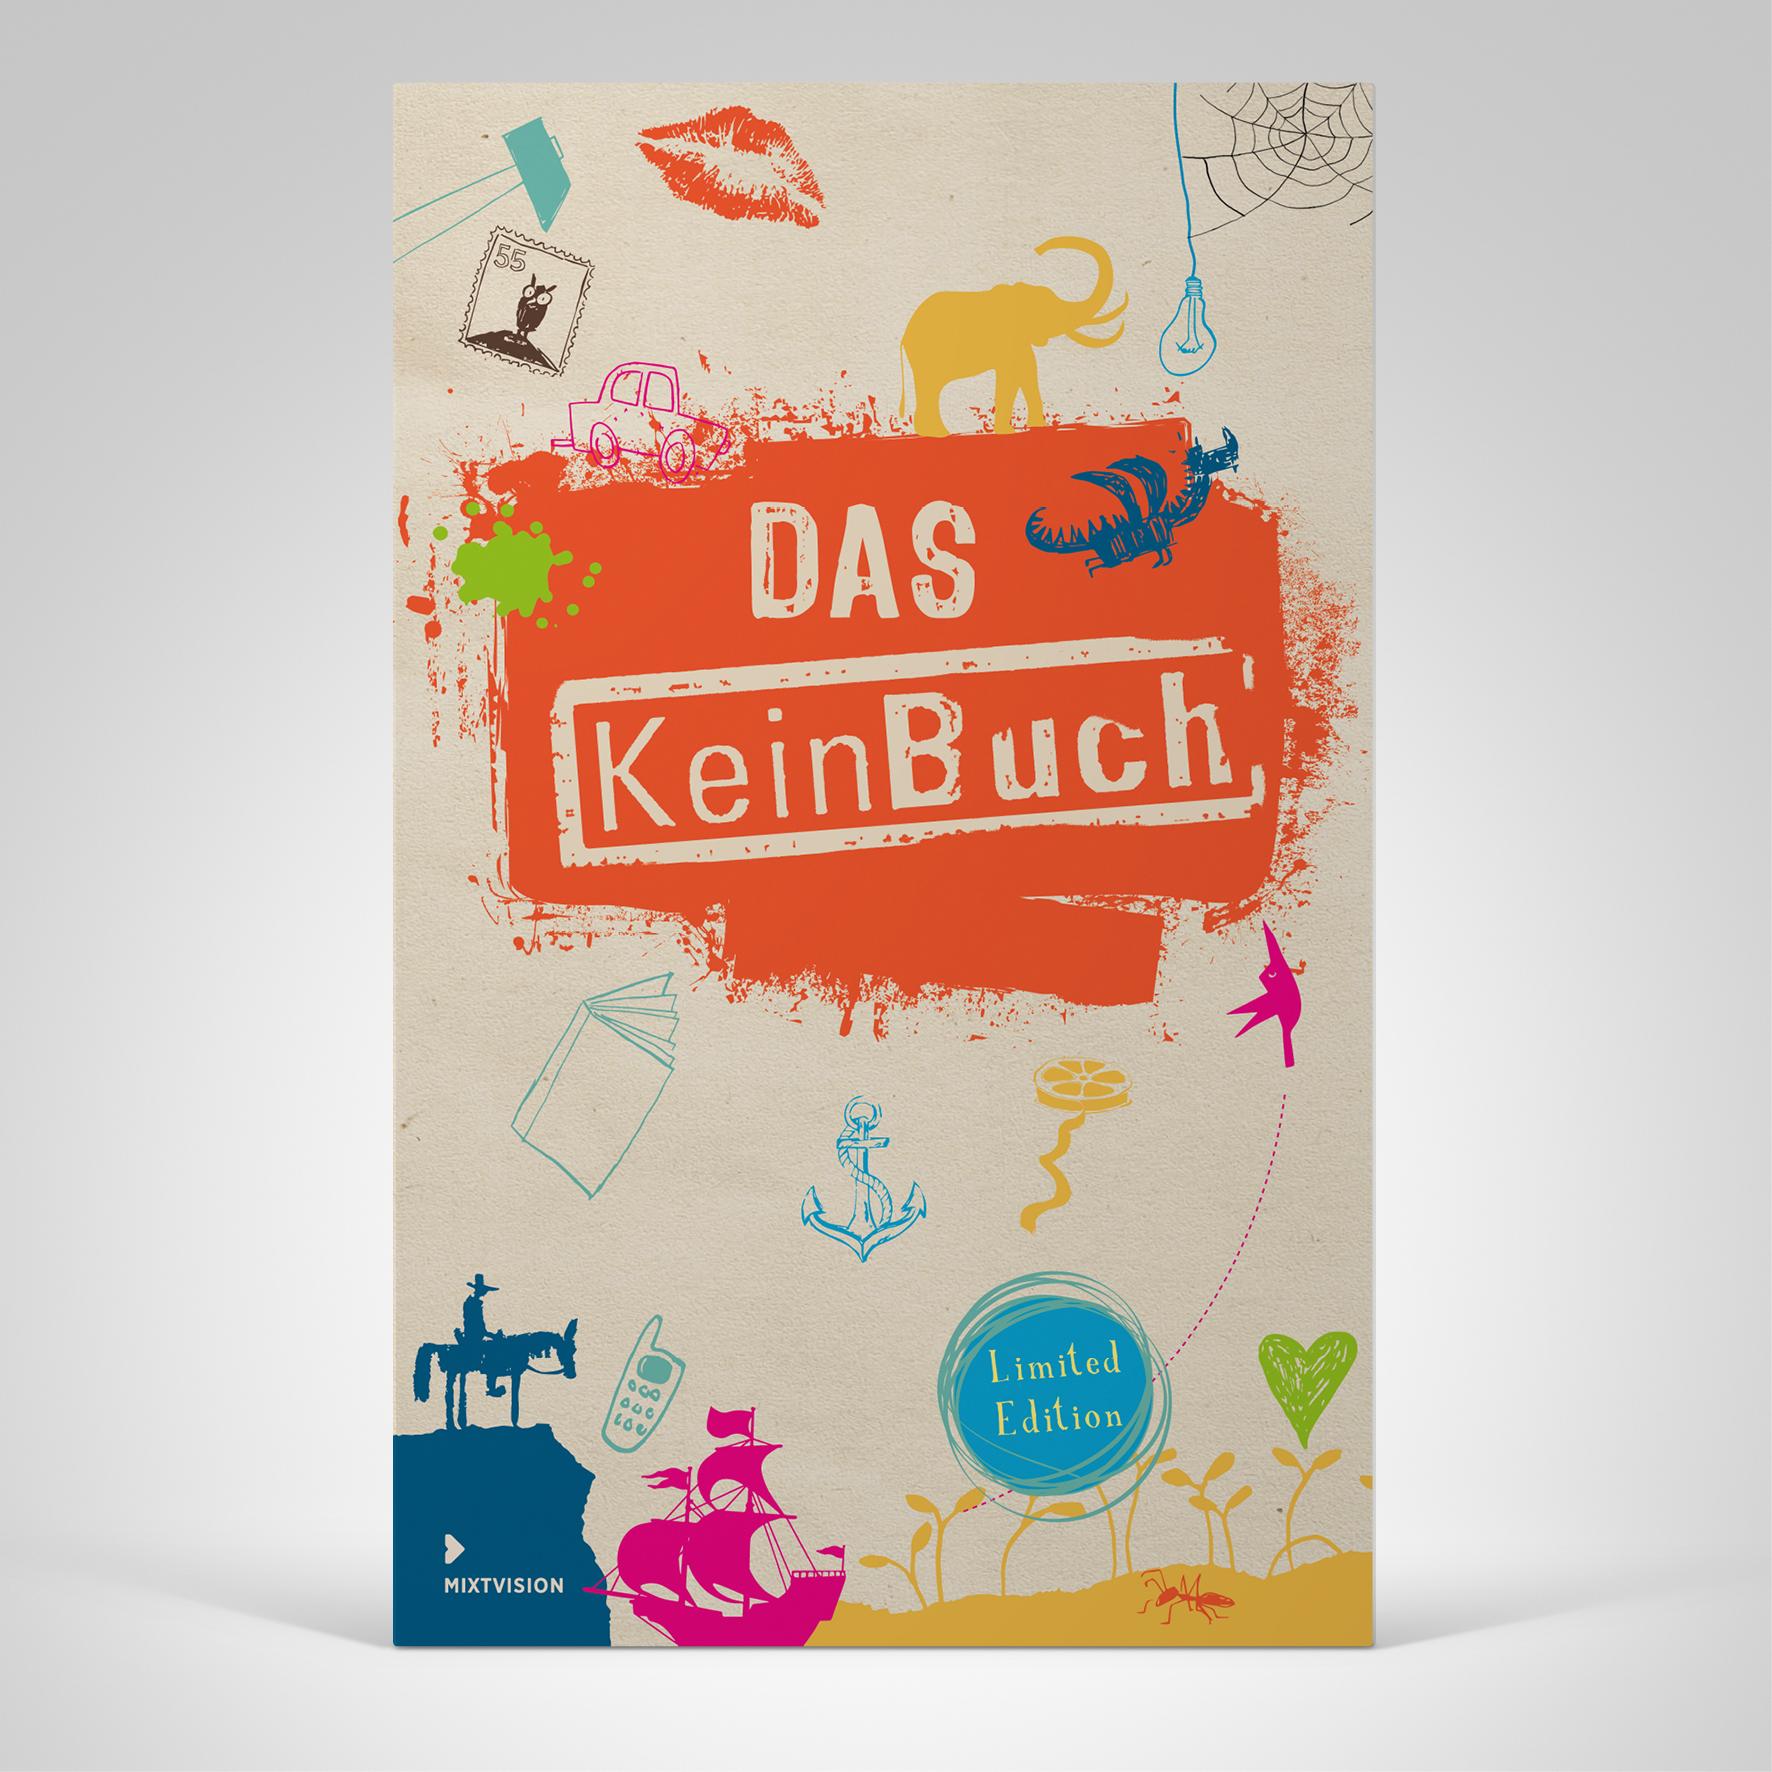 DAS KeinBuch, Cover-Abbildung